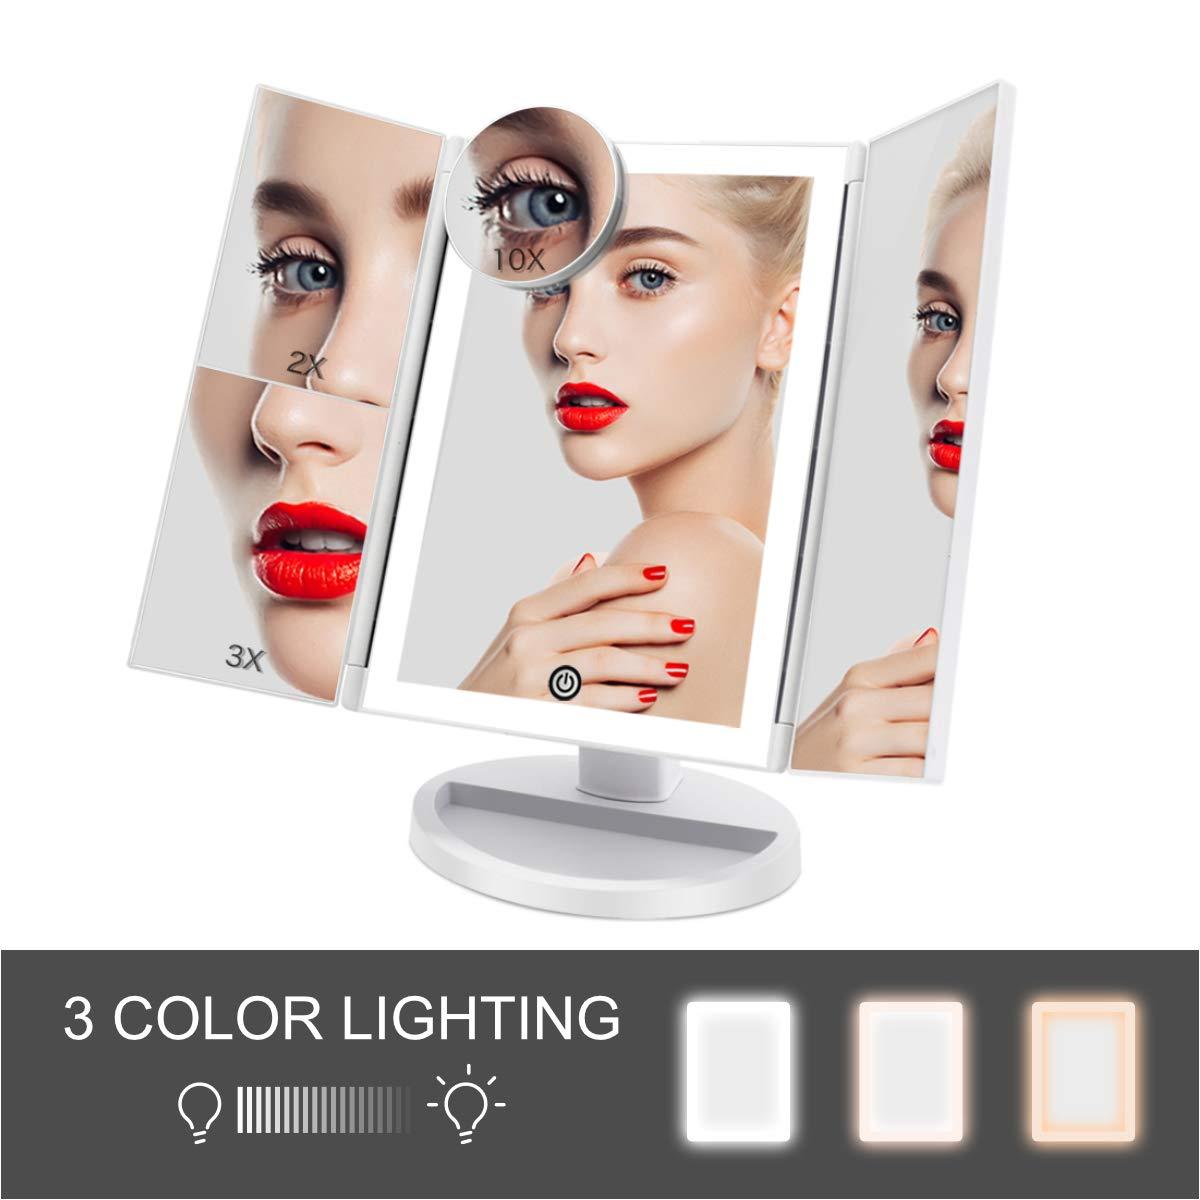 Espejo De Maquillaje Con Luces Led Y 3 Modos De Iluminacion